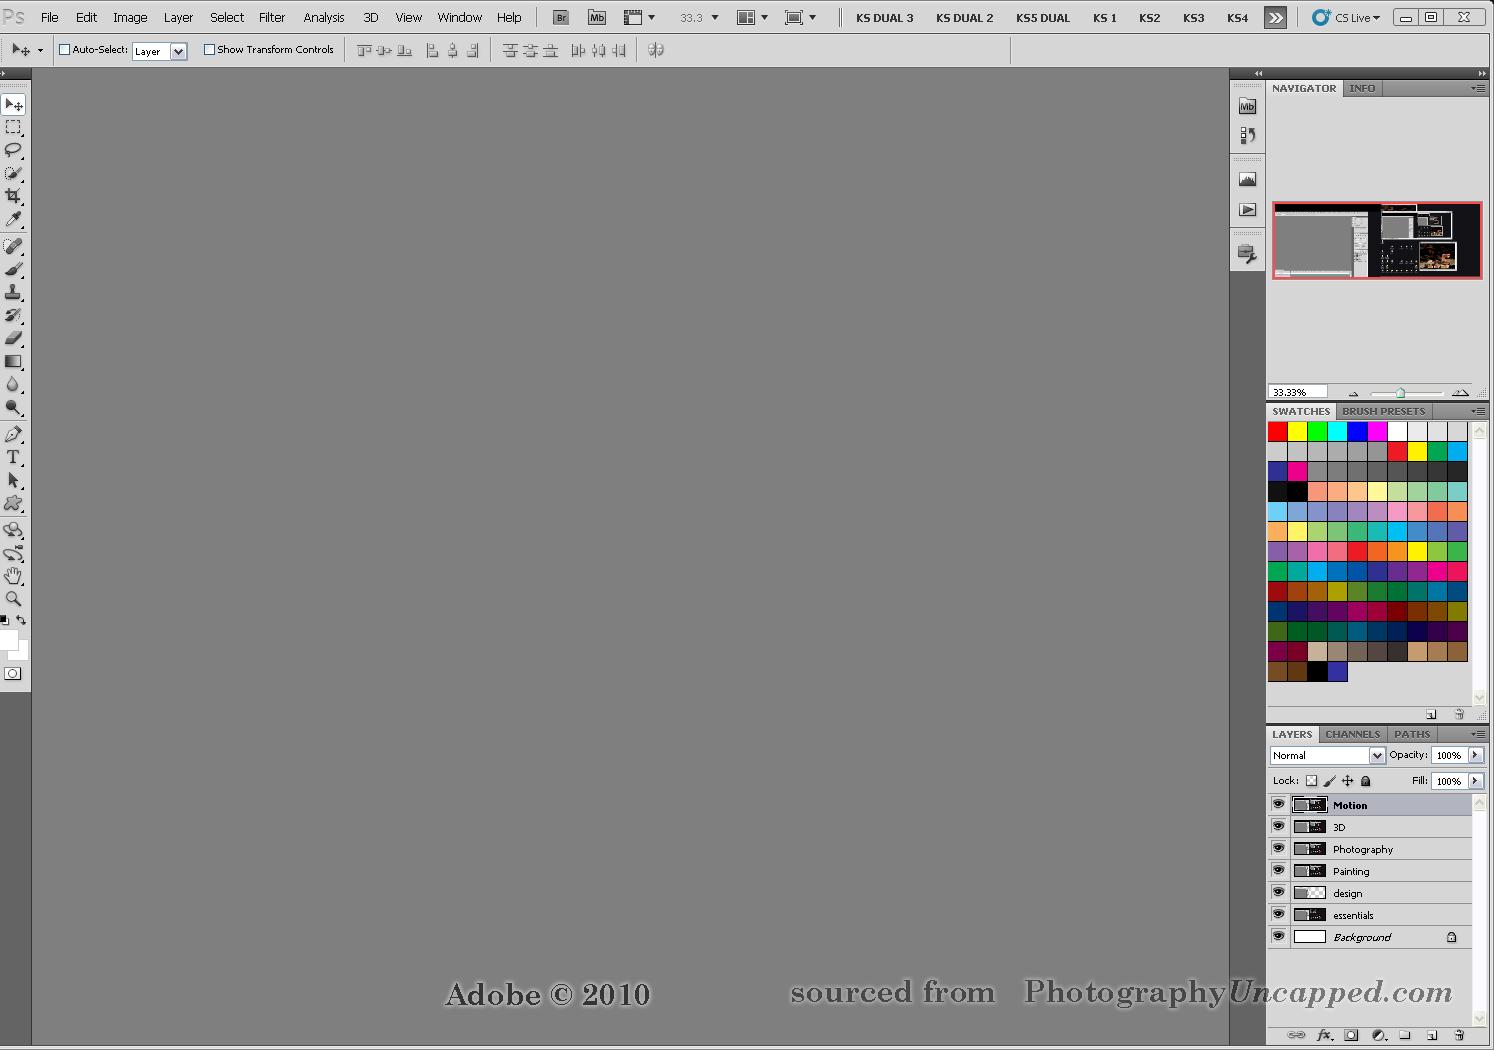 Free serial numbers : Adobe Photoshop CS6 serial numbers